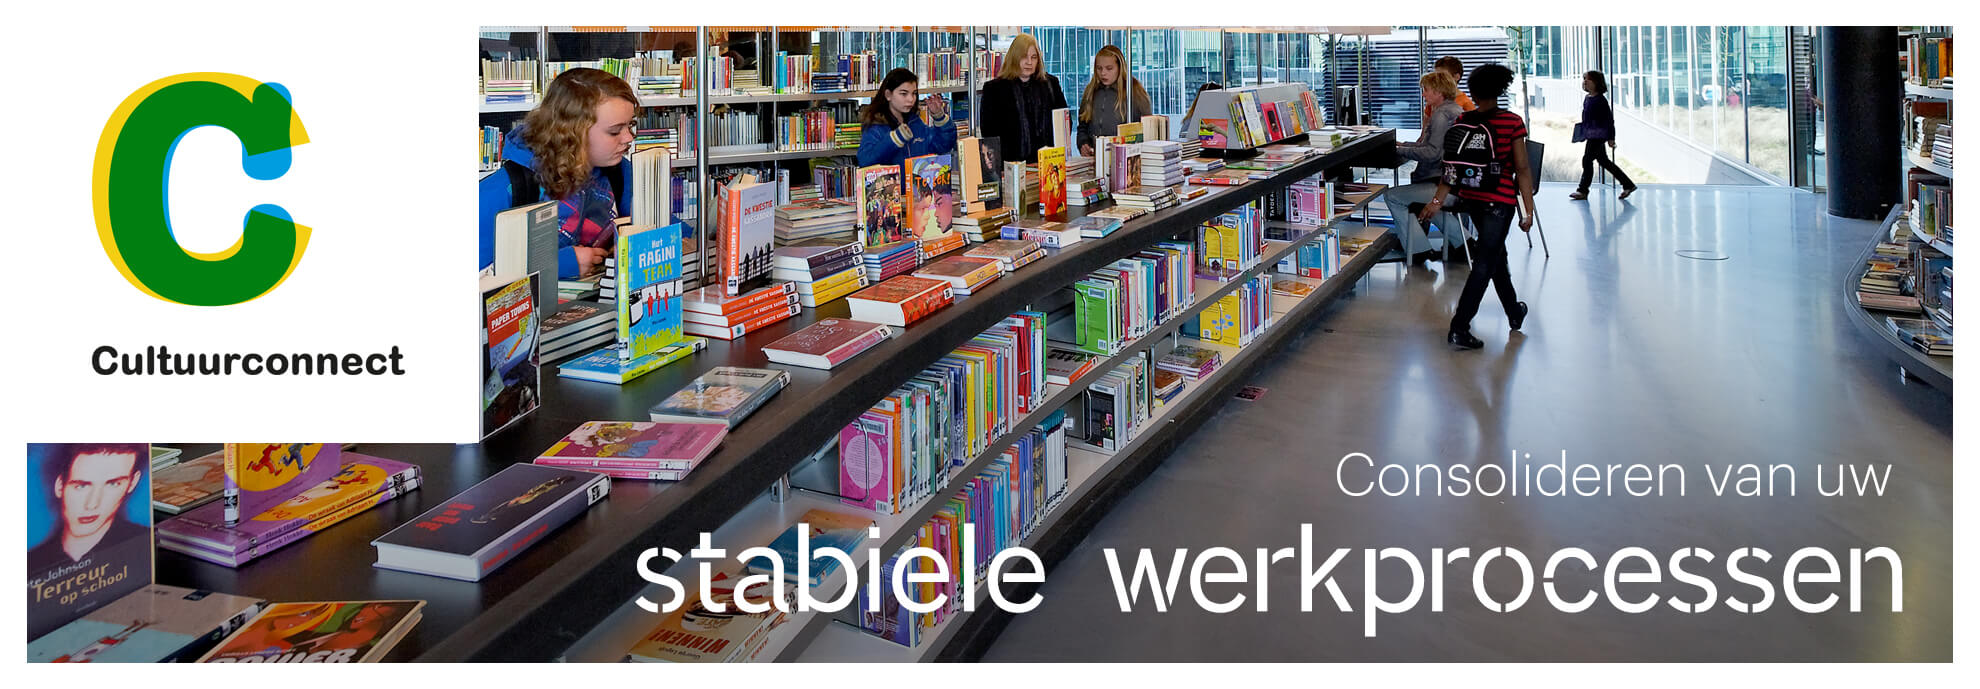 Consolideren van de stabiele werkprocessen van uw bibliotheek.